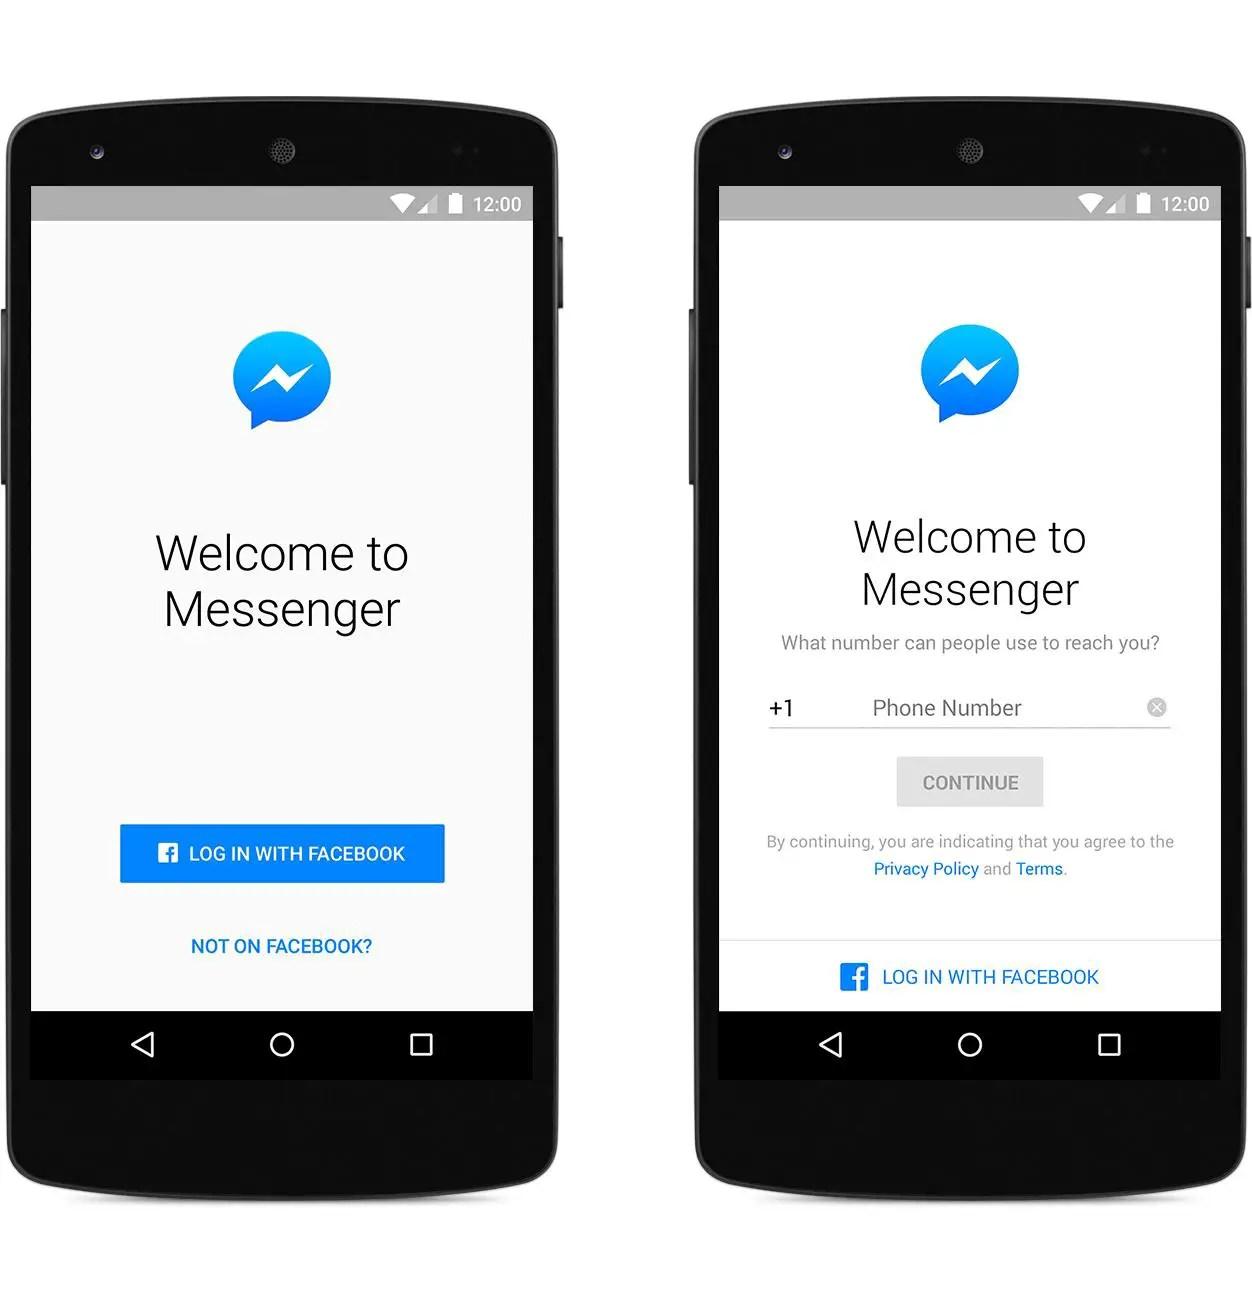 wersm-facebook-messenger-new-sign-up